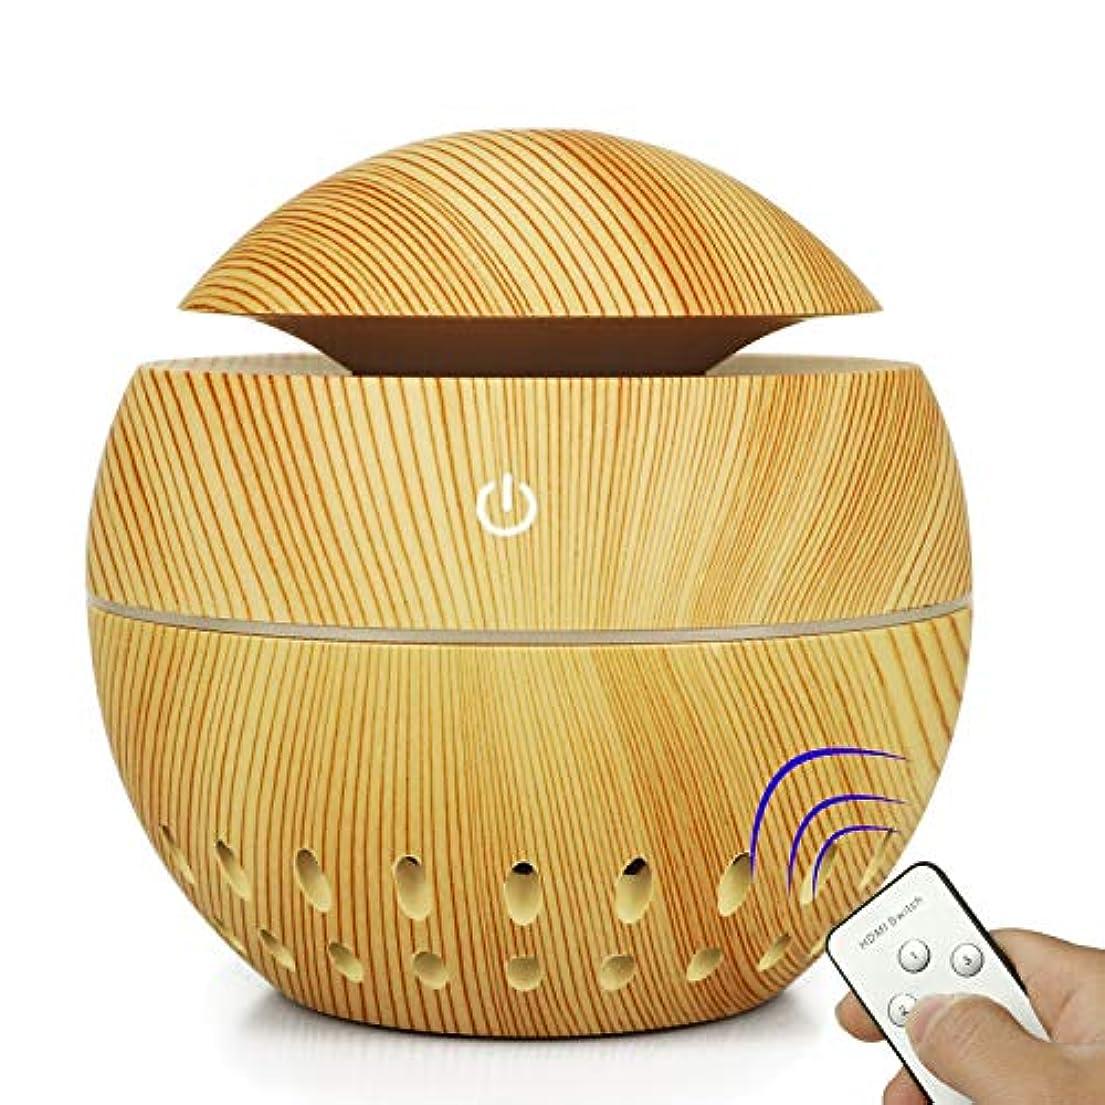 オフセットスカリー剛性加湿器USBウッドグレイン中空加湿器きのこ総本店小型家電 (Color : Brass, Size : 100MM*105MM)